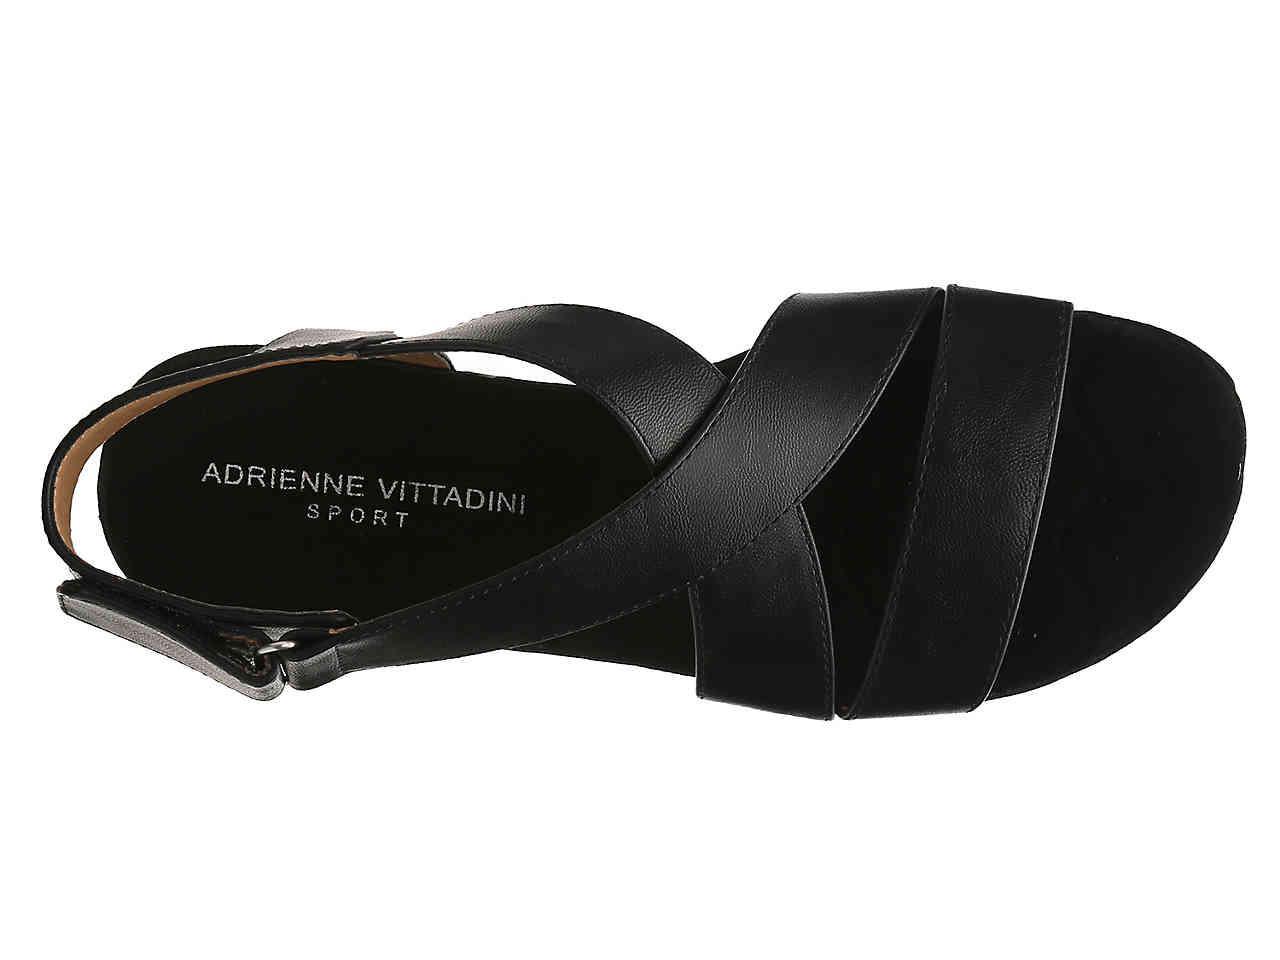 462d795d8f81 Adrienne Vittadini - Black Sport Cory Wedge Sandal - Lyst. View fullscreen